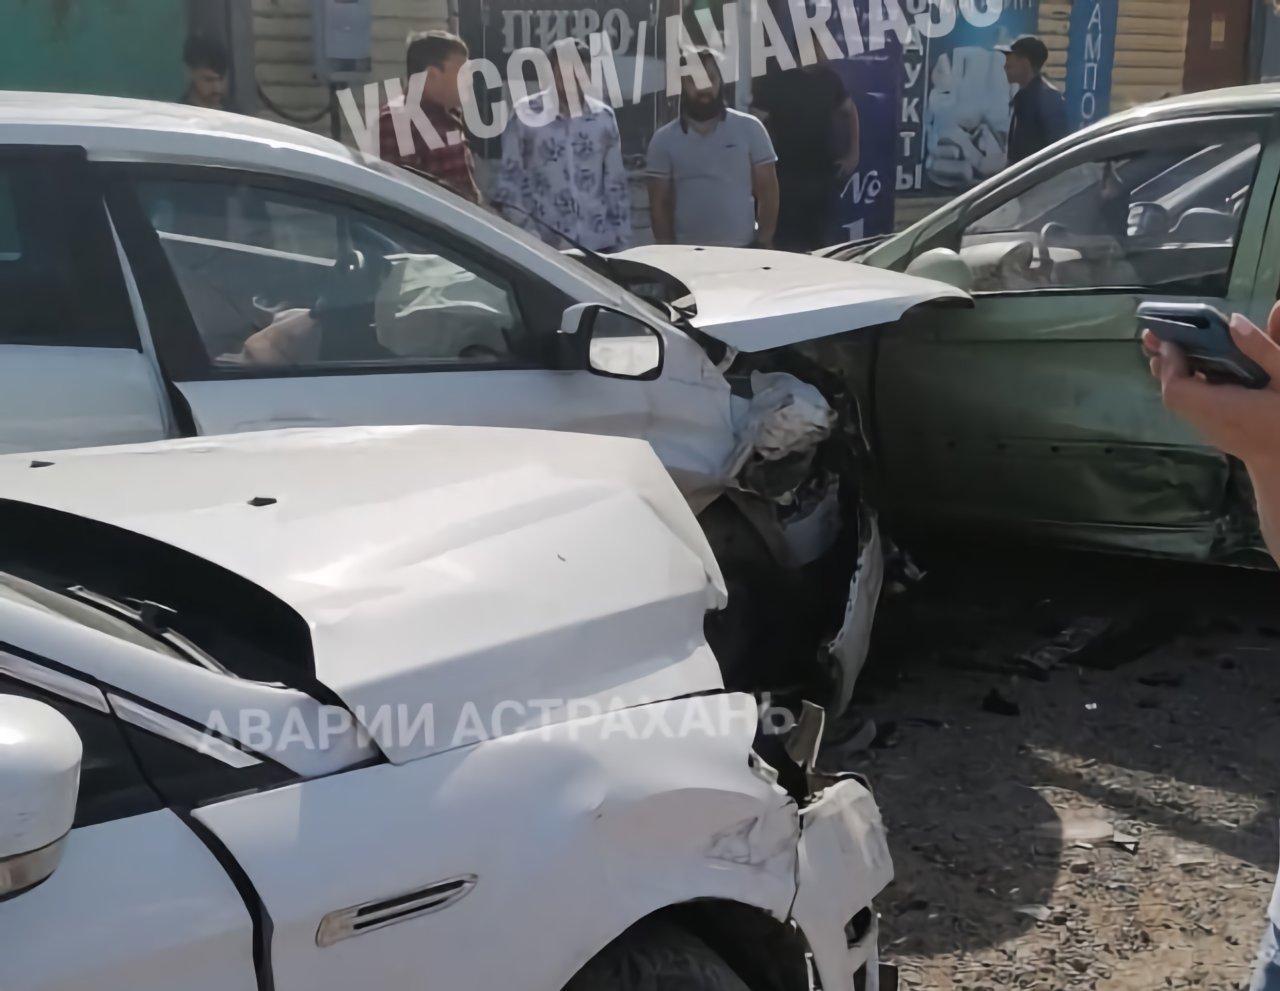 Потерявший управление водитель протаранил четыре стоявшие машины